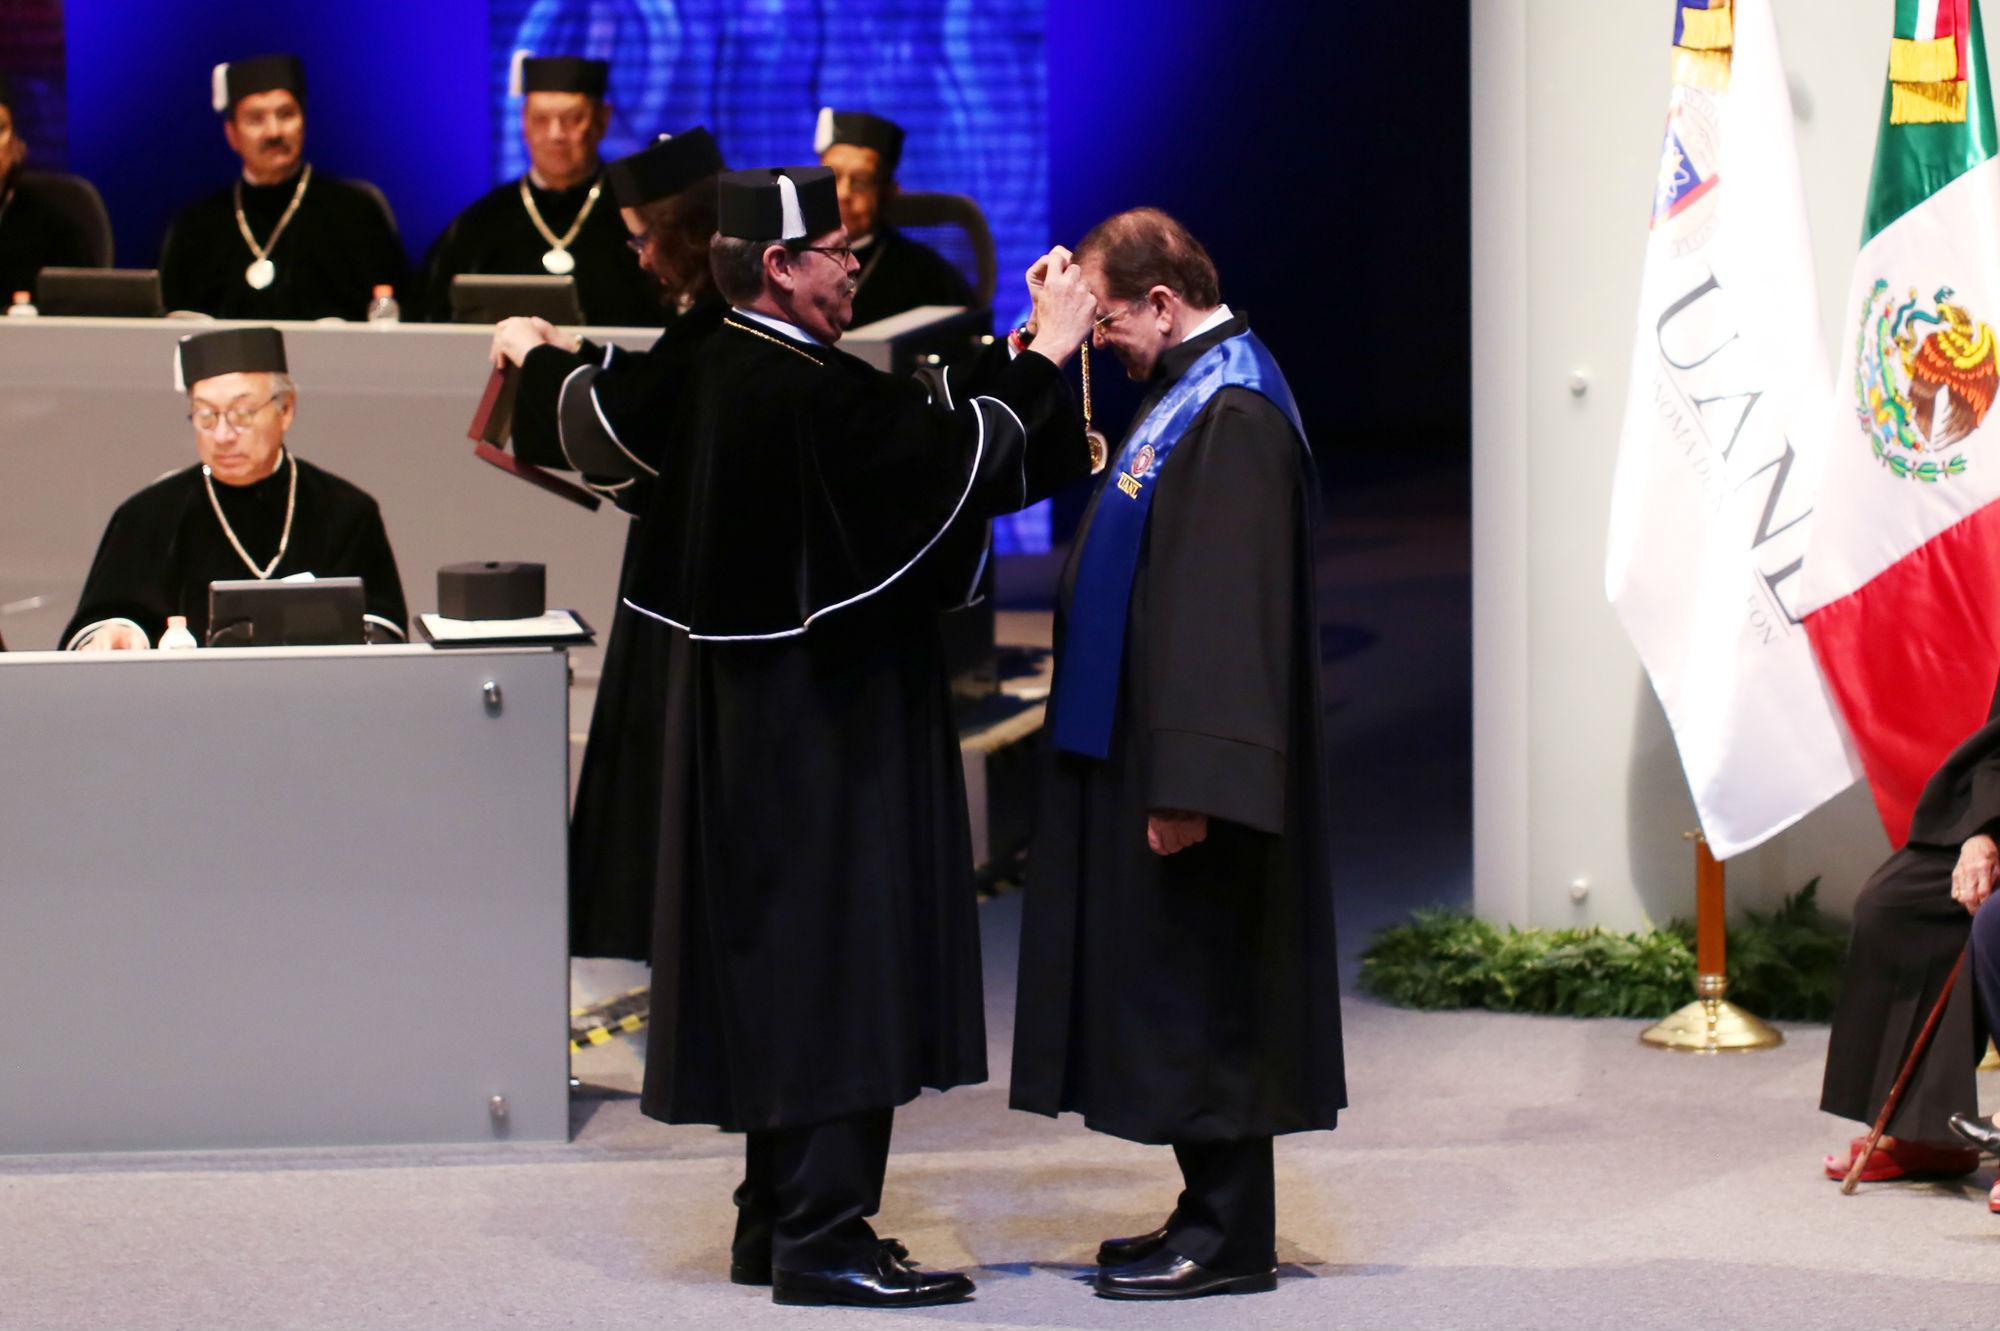 Entrega de la Distinción Académica Doctor Honoris Causa a Jaime Parada Ávila